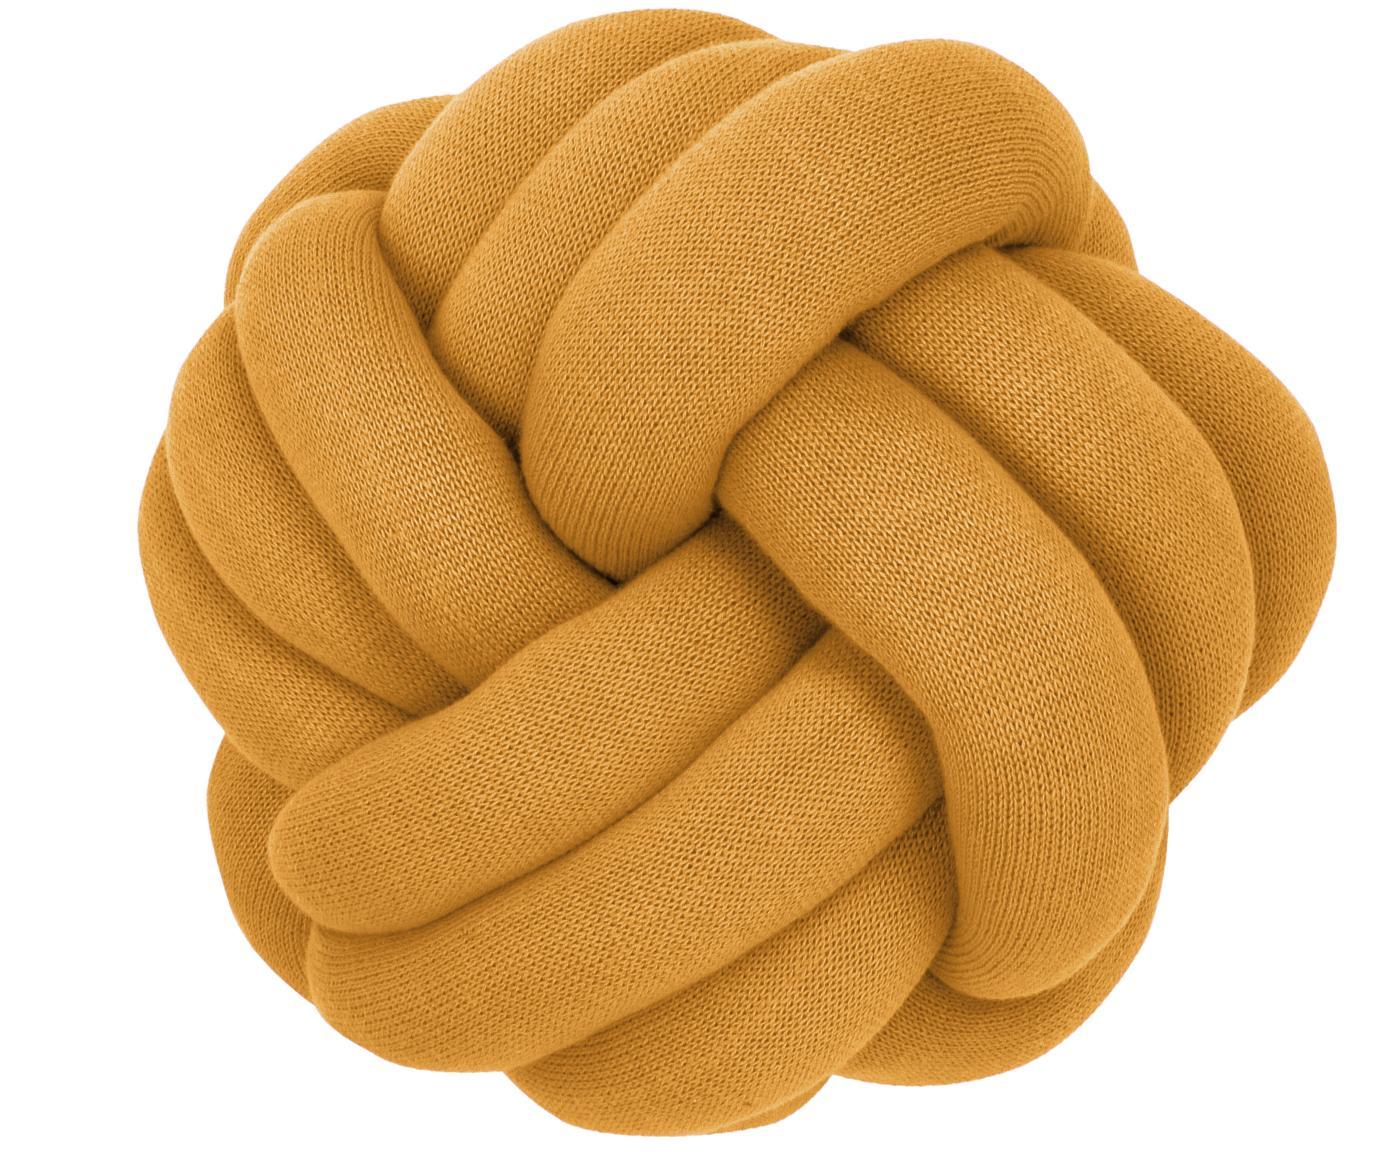 Knoten-Kissen Twist in Senfgelb, Senfgelb, Ø 30 cm